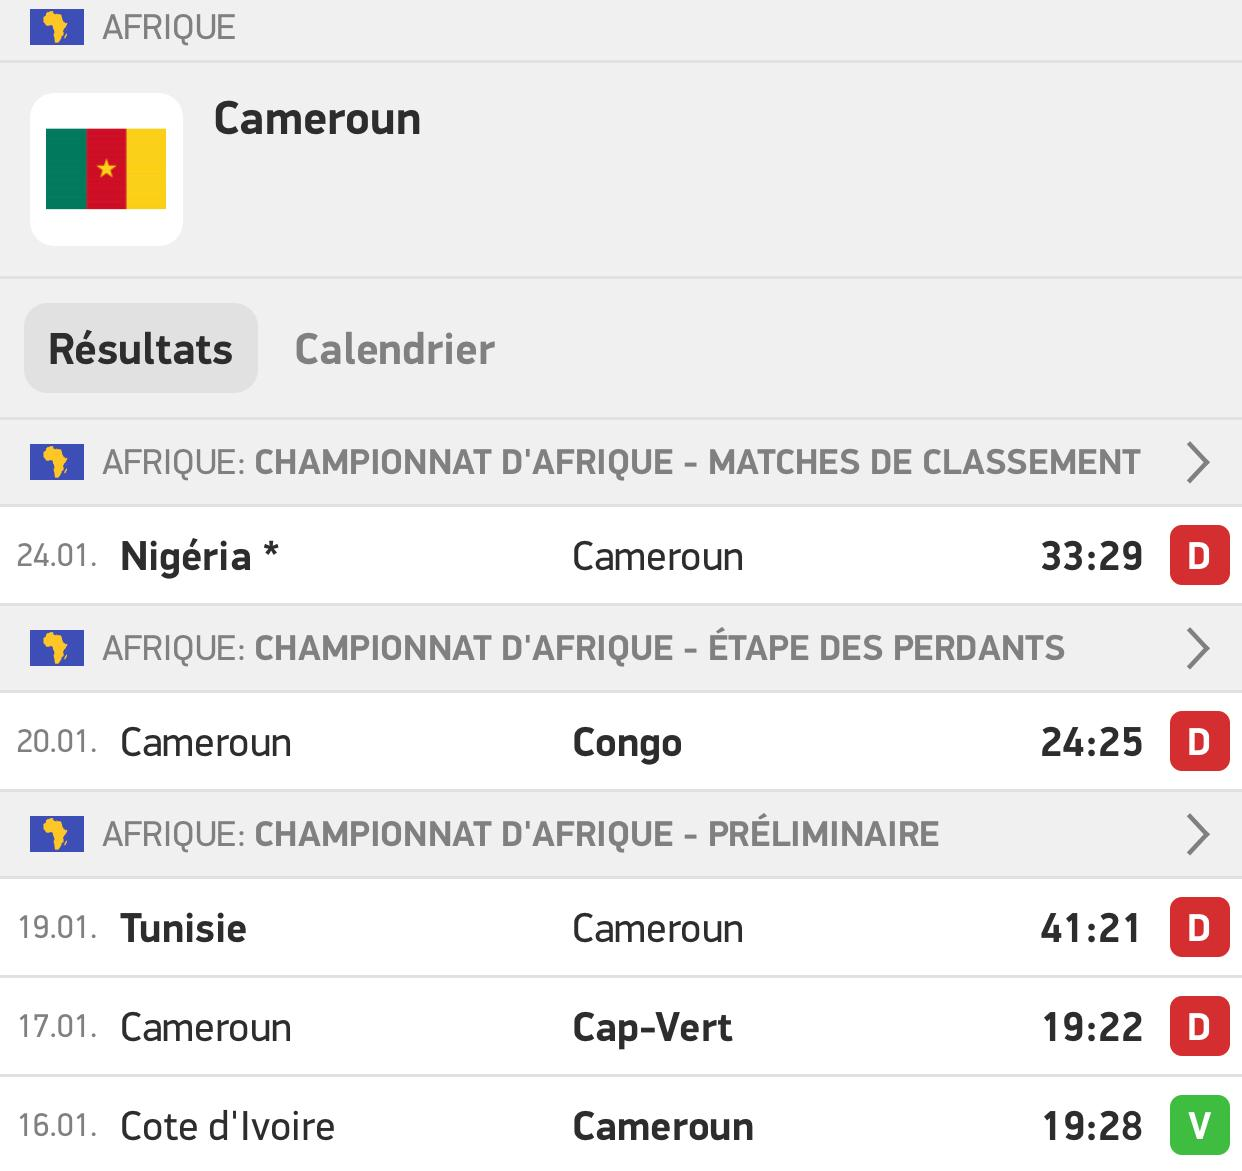 CAMEROUN_0001